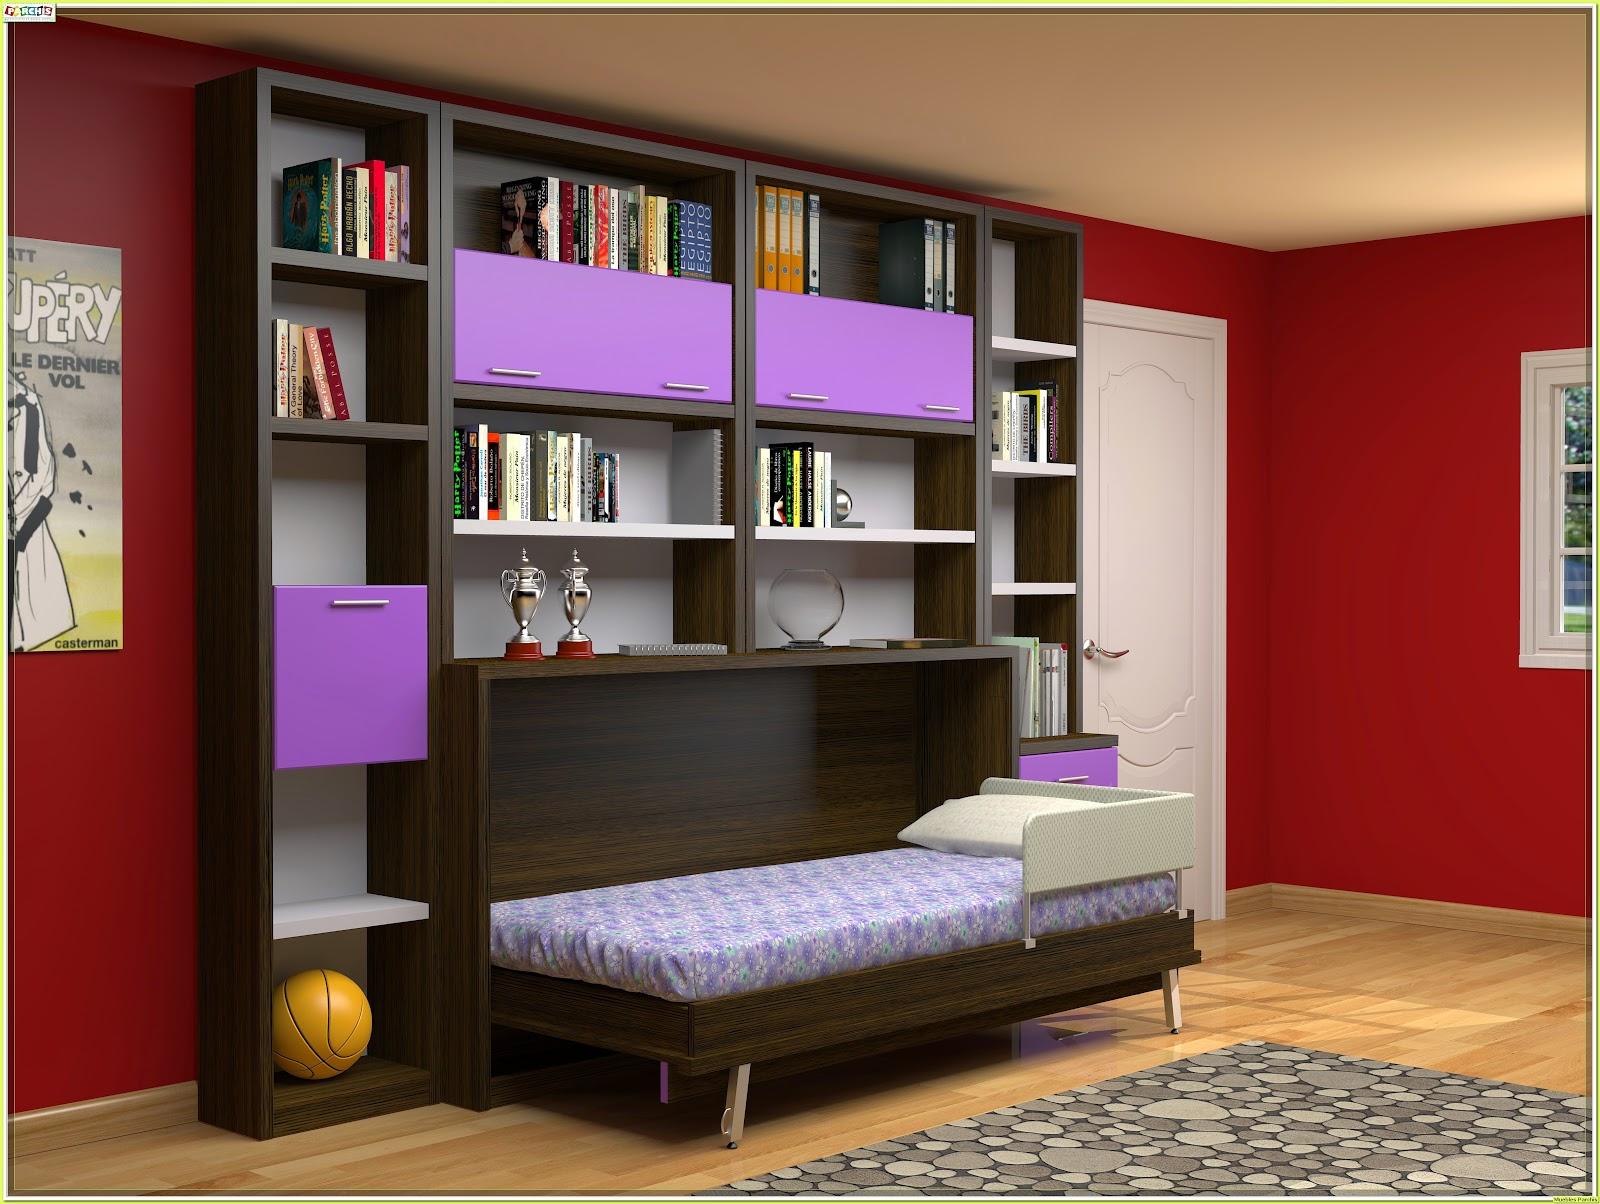 ... cama abatible ~ Cama abatible con armario y estanteru00edas de pared